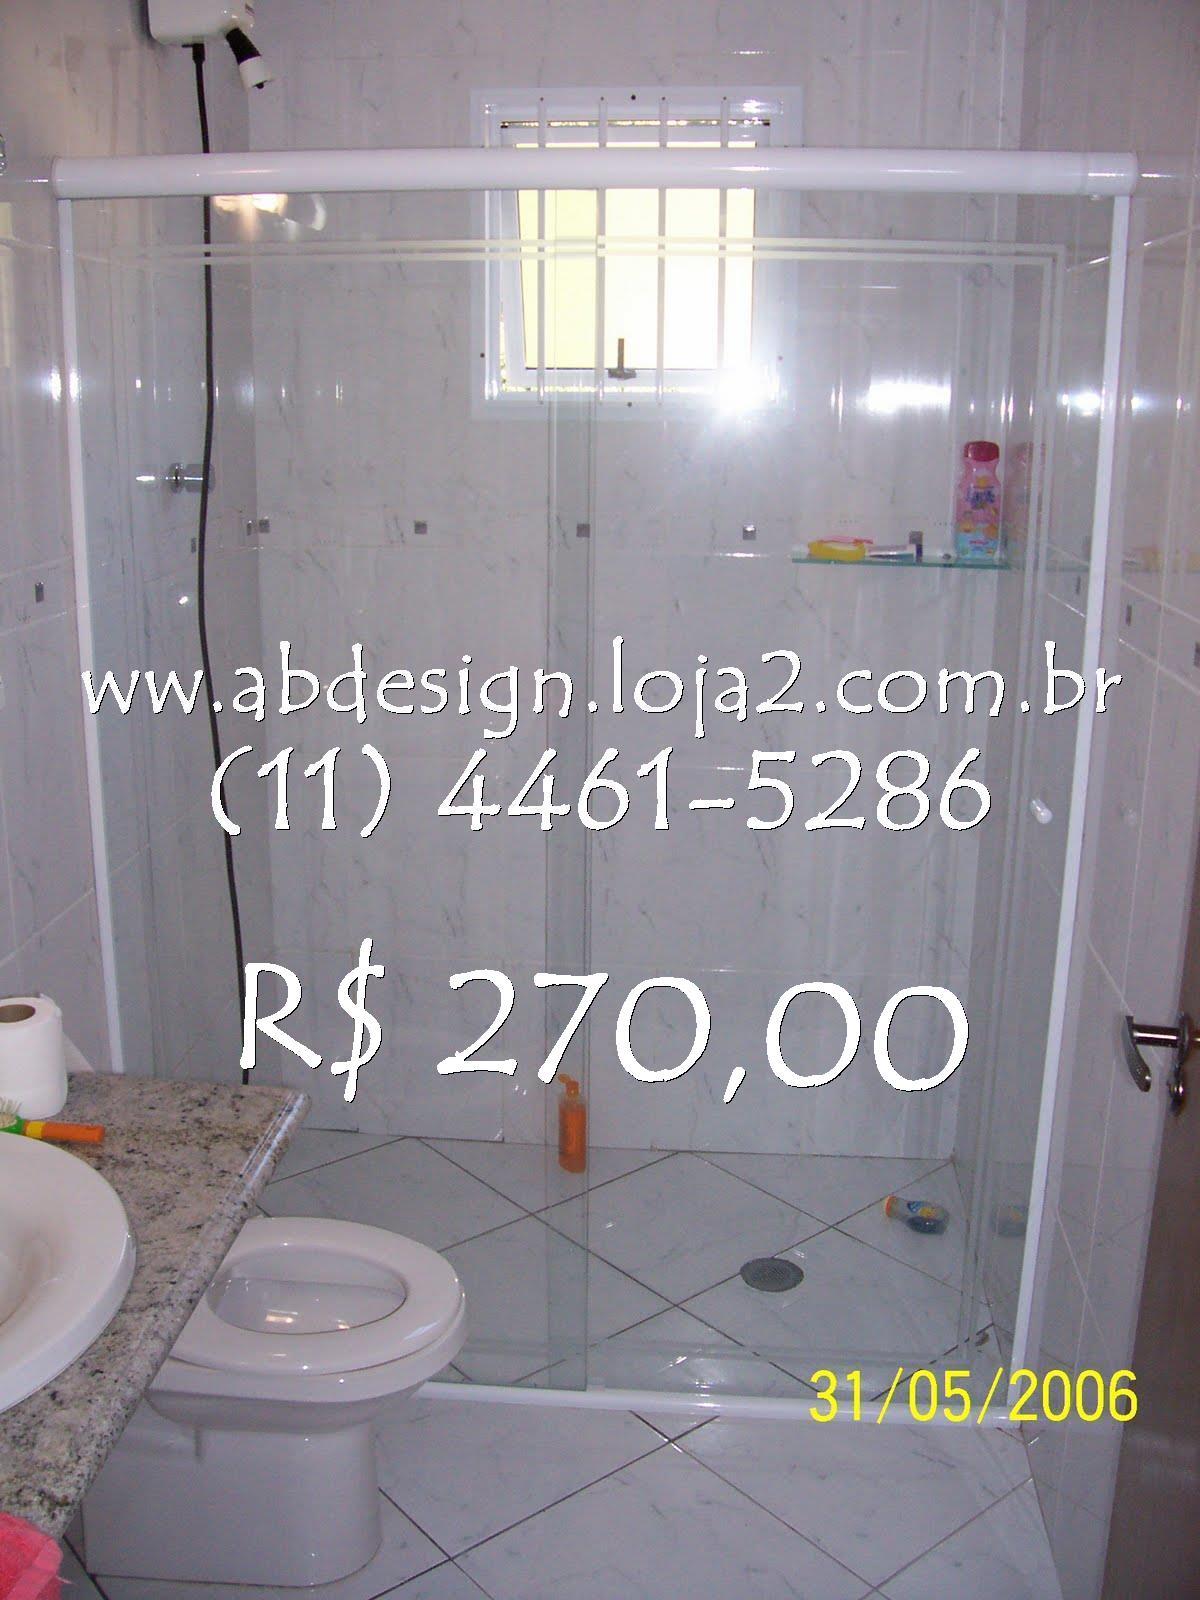 Imagens de #ACAB1F : Box para banheiro 3 x R$ 90 00 (Pronta Entrega) Até 1 00 largura x  1200x1600 px 3180 Box Banheiro 90 X 90